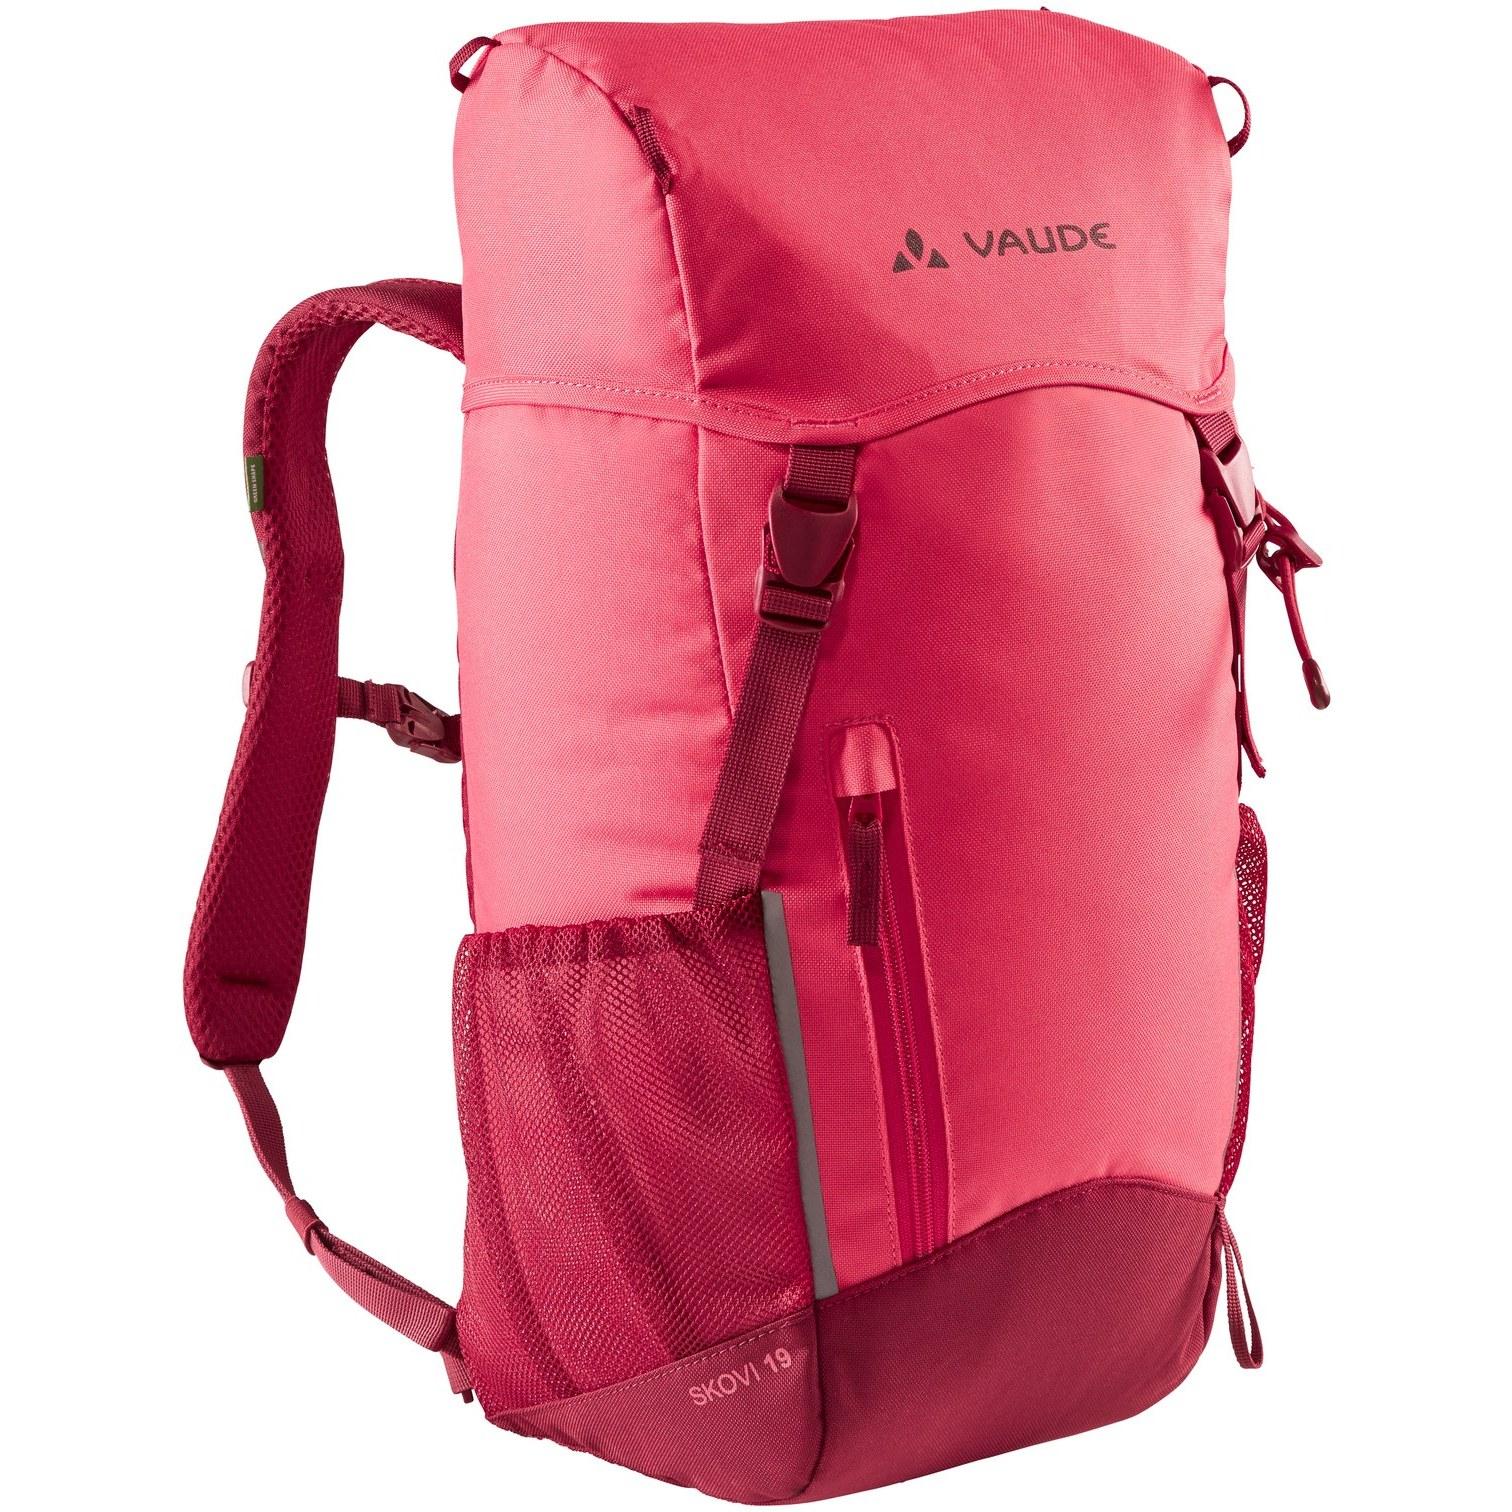 Vaude Skovi 19 Kinderrucksack - bright pink